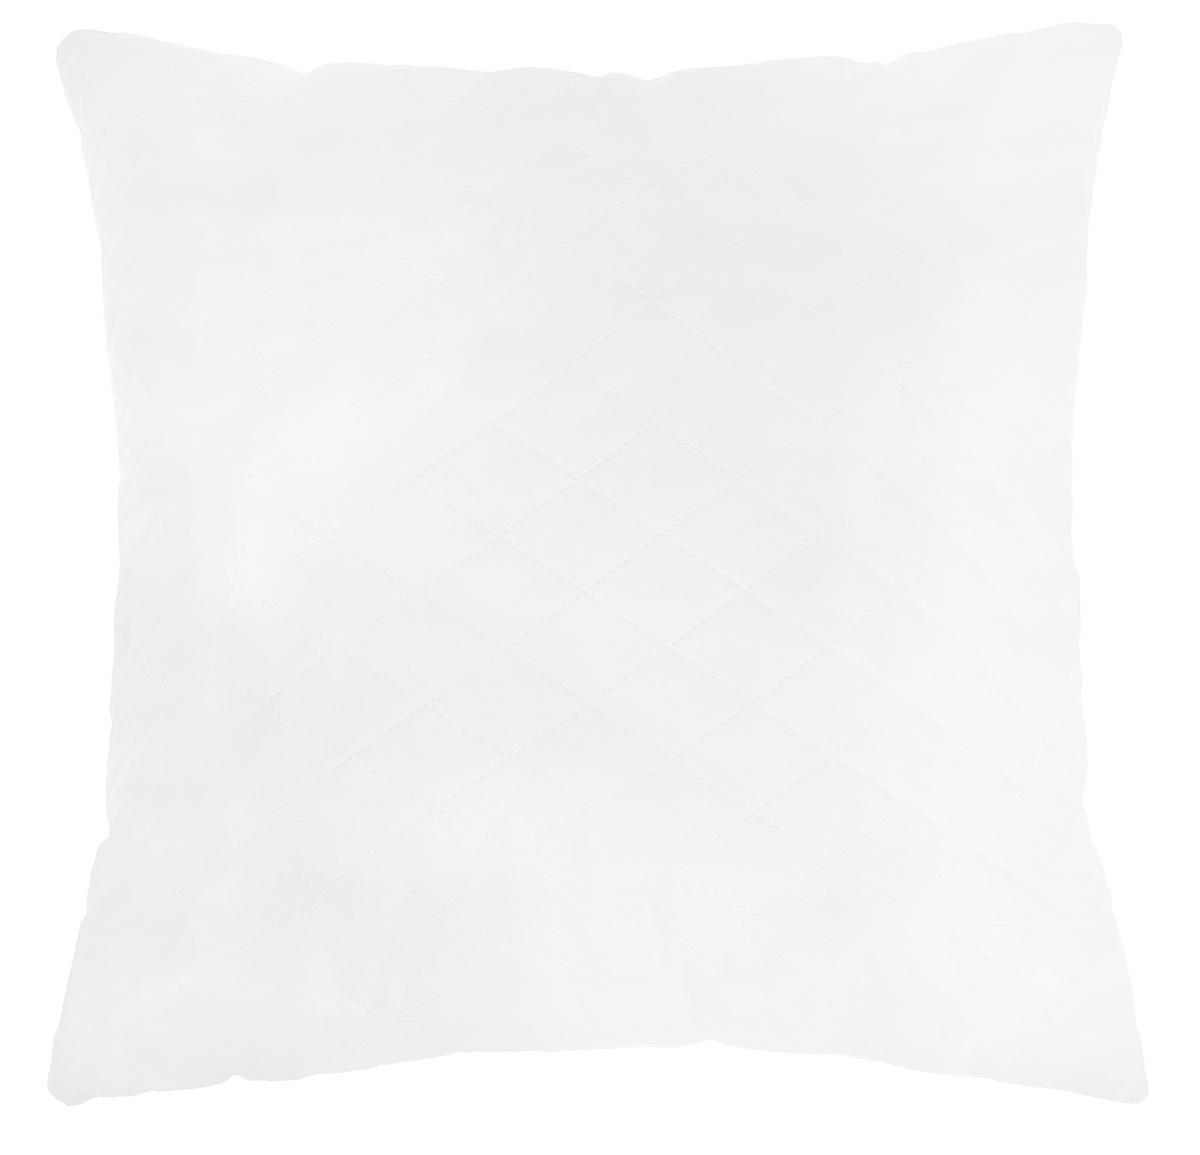 Подушка Подушкино Снежана, наполнитель: экофайбер, цвет: белый, 68 х 68 см531-105Подушка Снежана с наполнителем Экофайбер в чехле из импортной белой ткани. Подушка легко стирается и быстро сохнет.